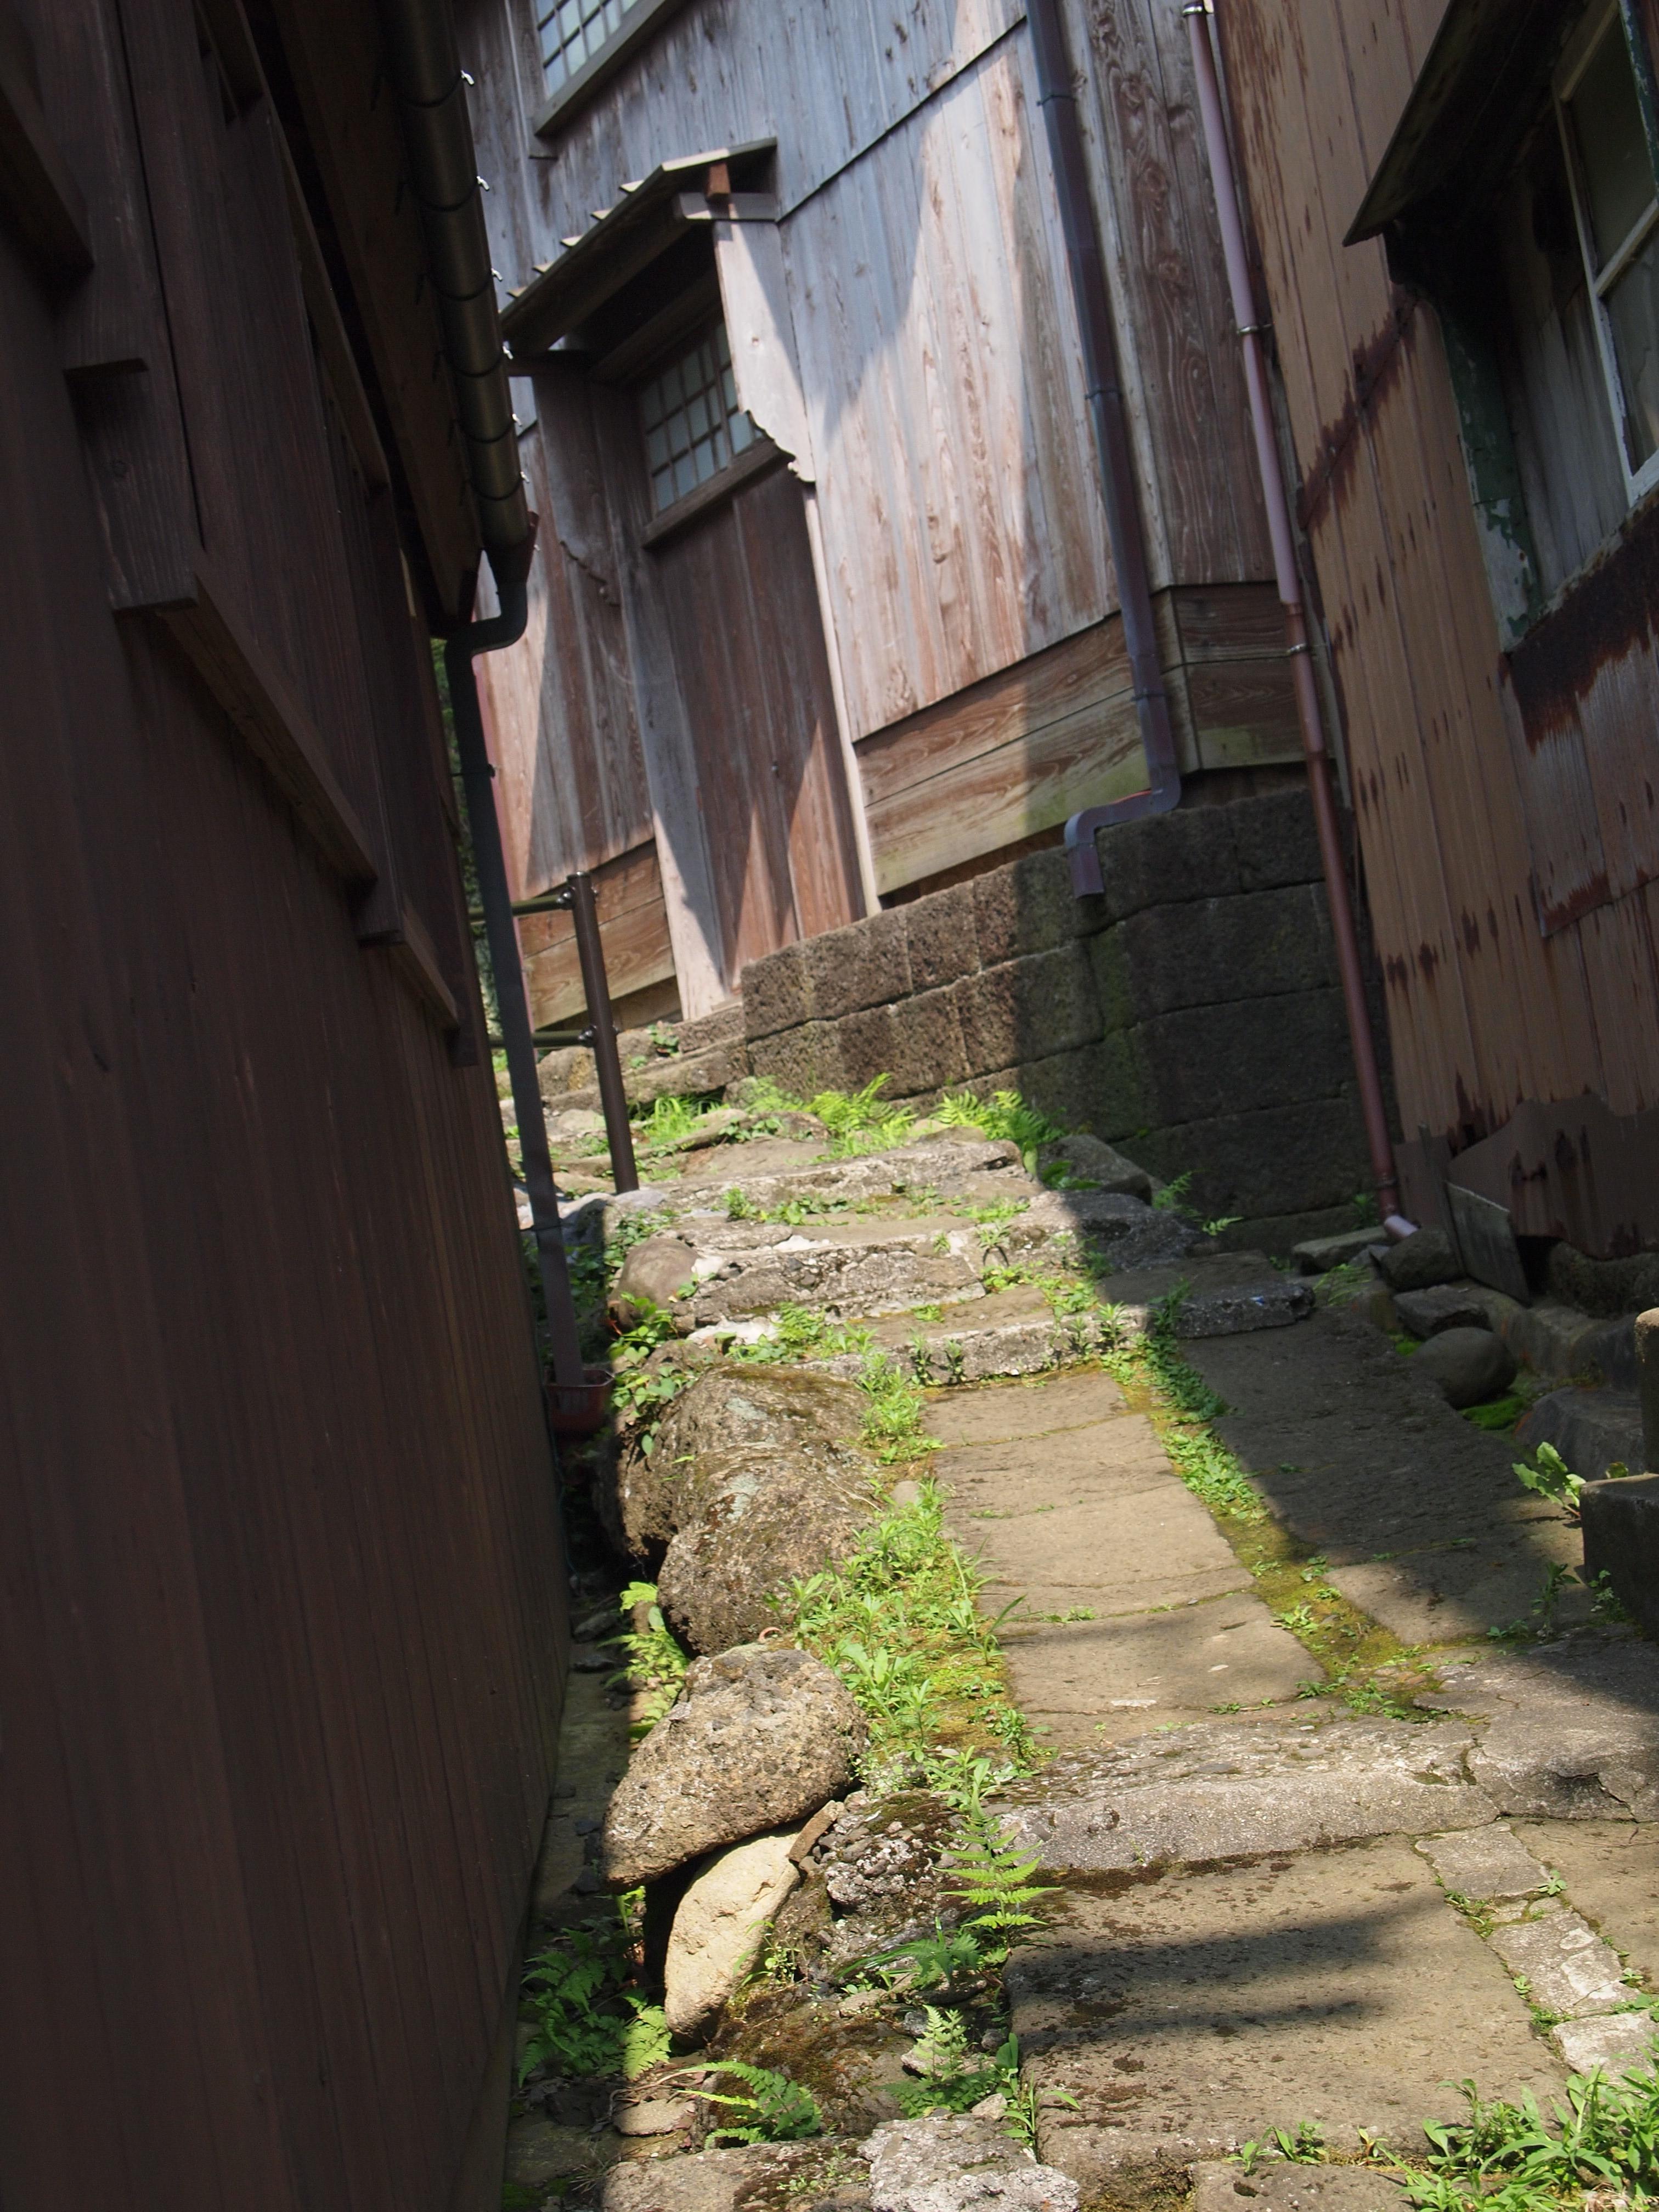 地形凹凸不平的小路是这里的特色之一。